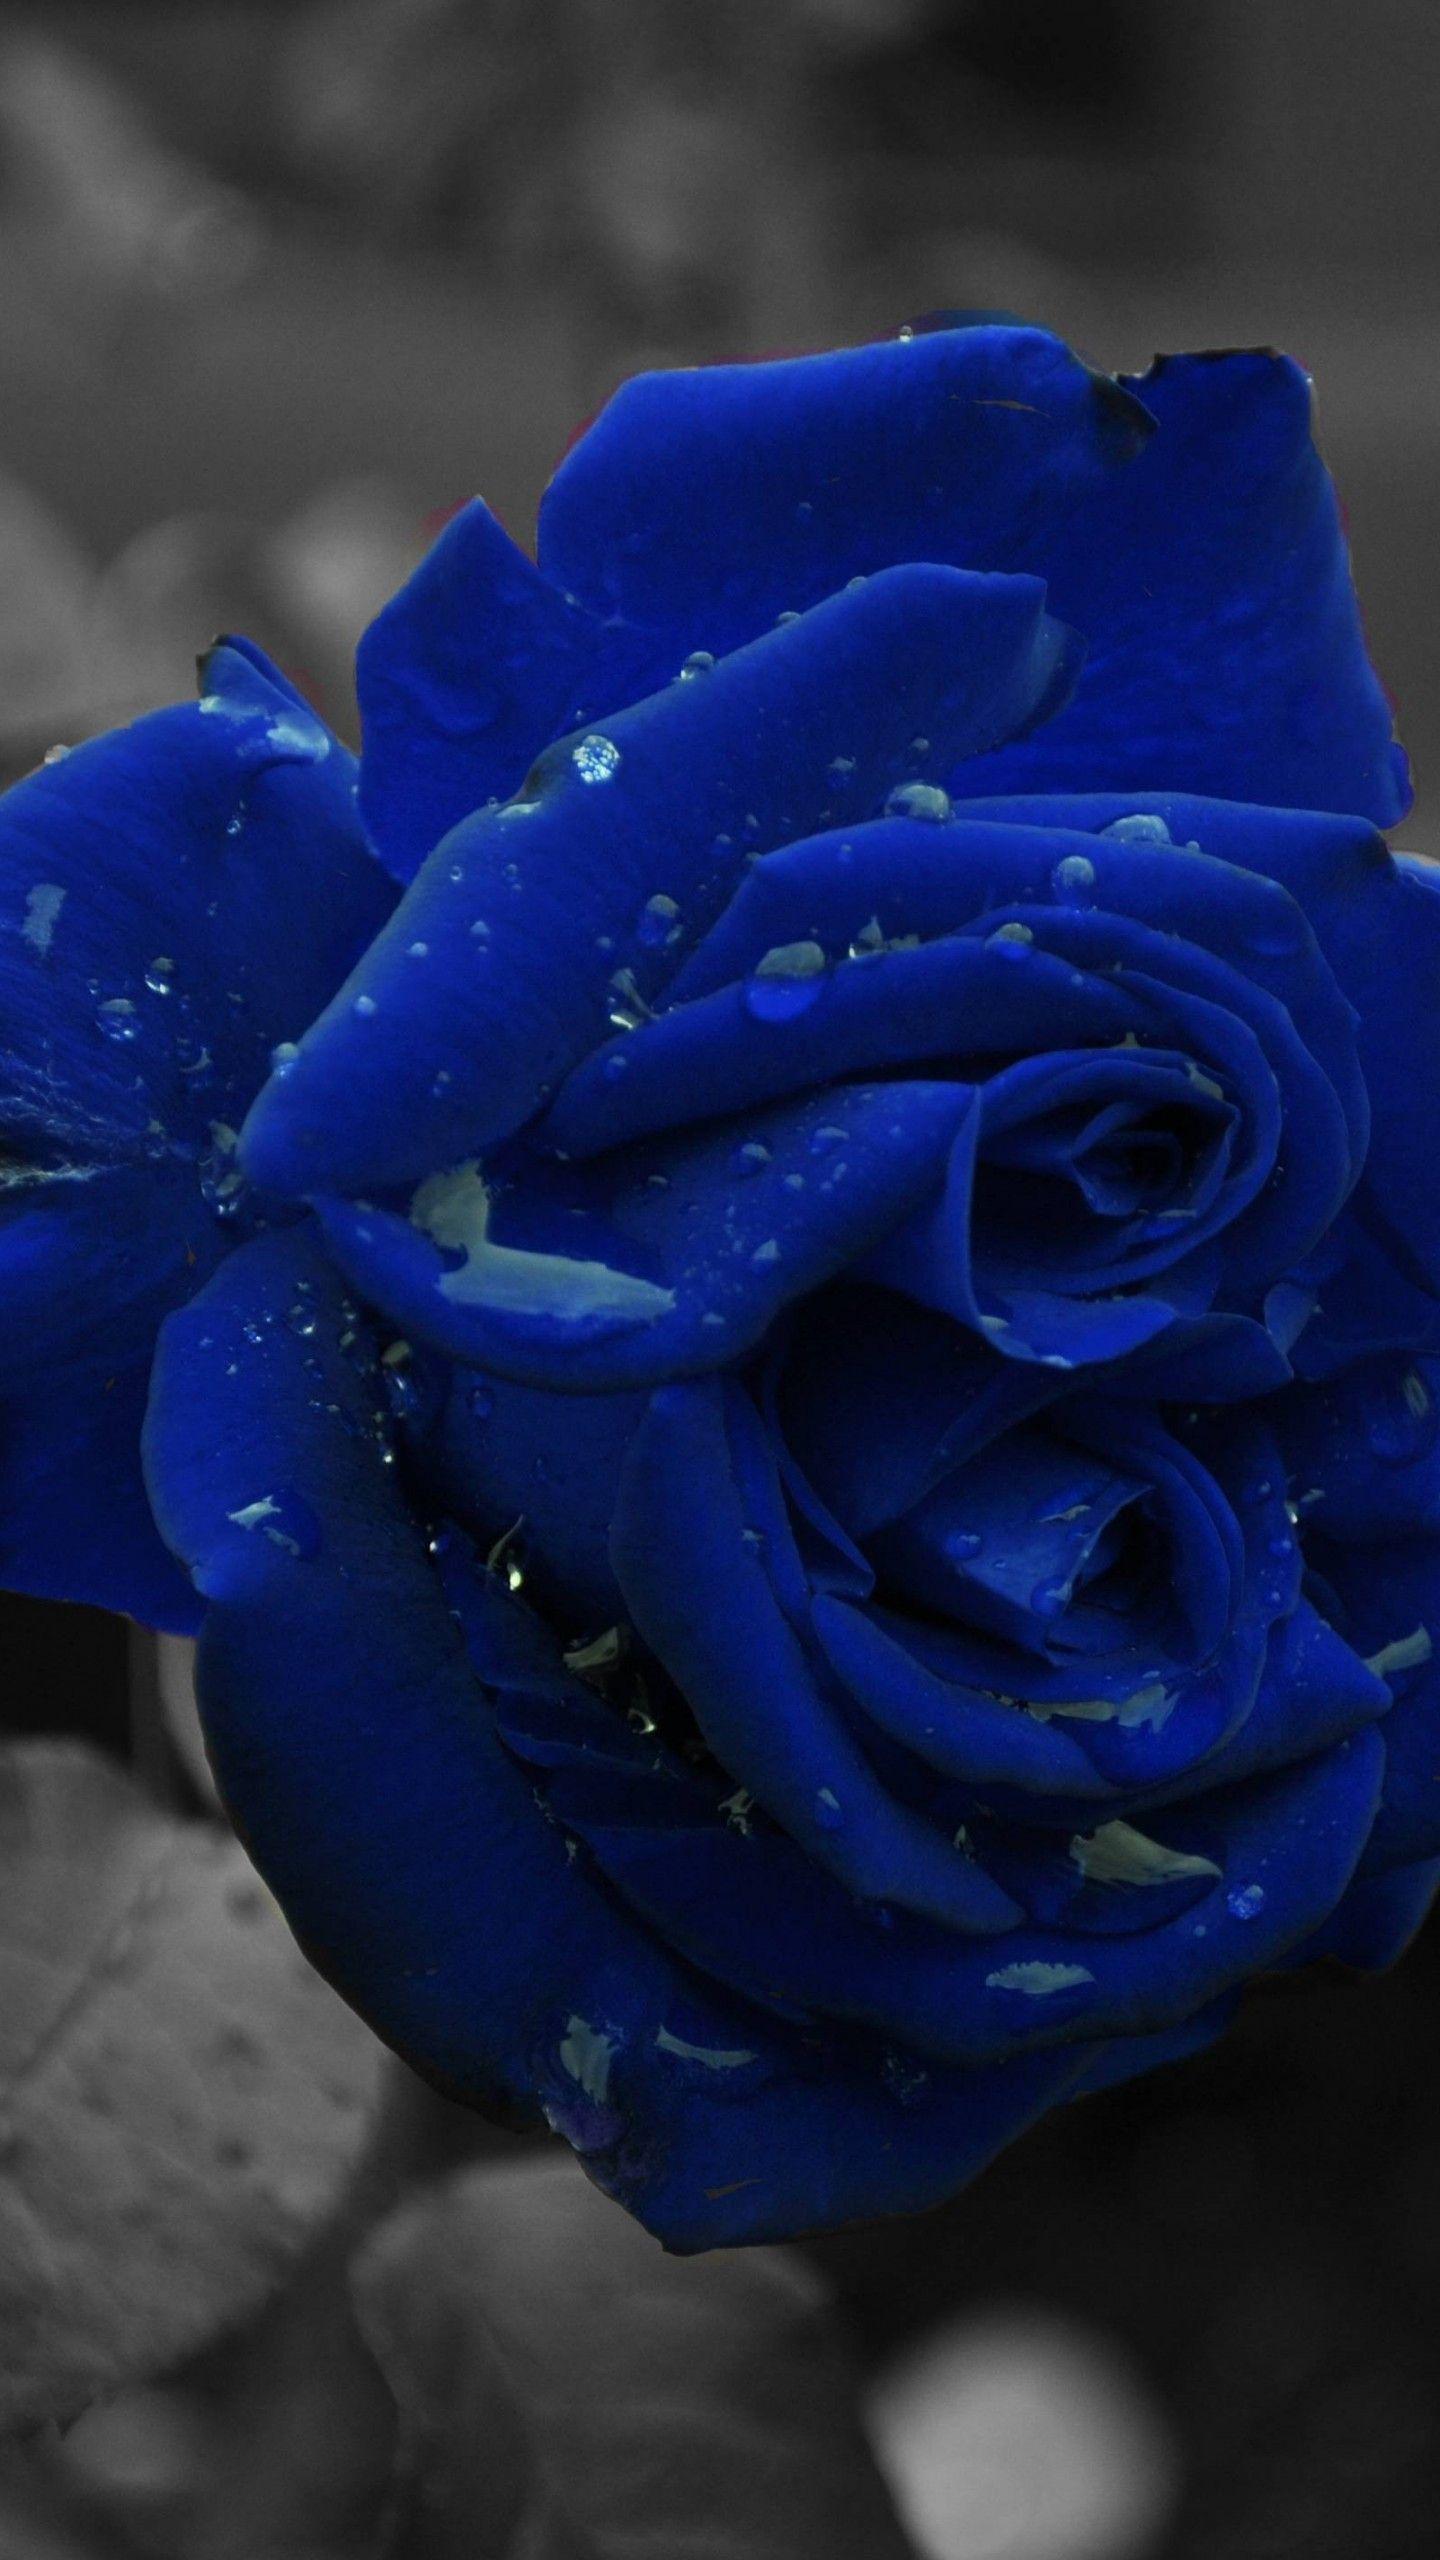 Blue Roses Rose Flower Wallpaper Blue Roses Wallpaper Blue Flowers Background